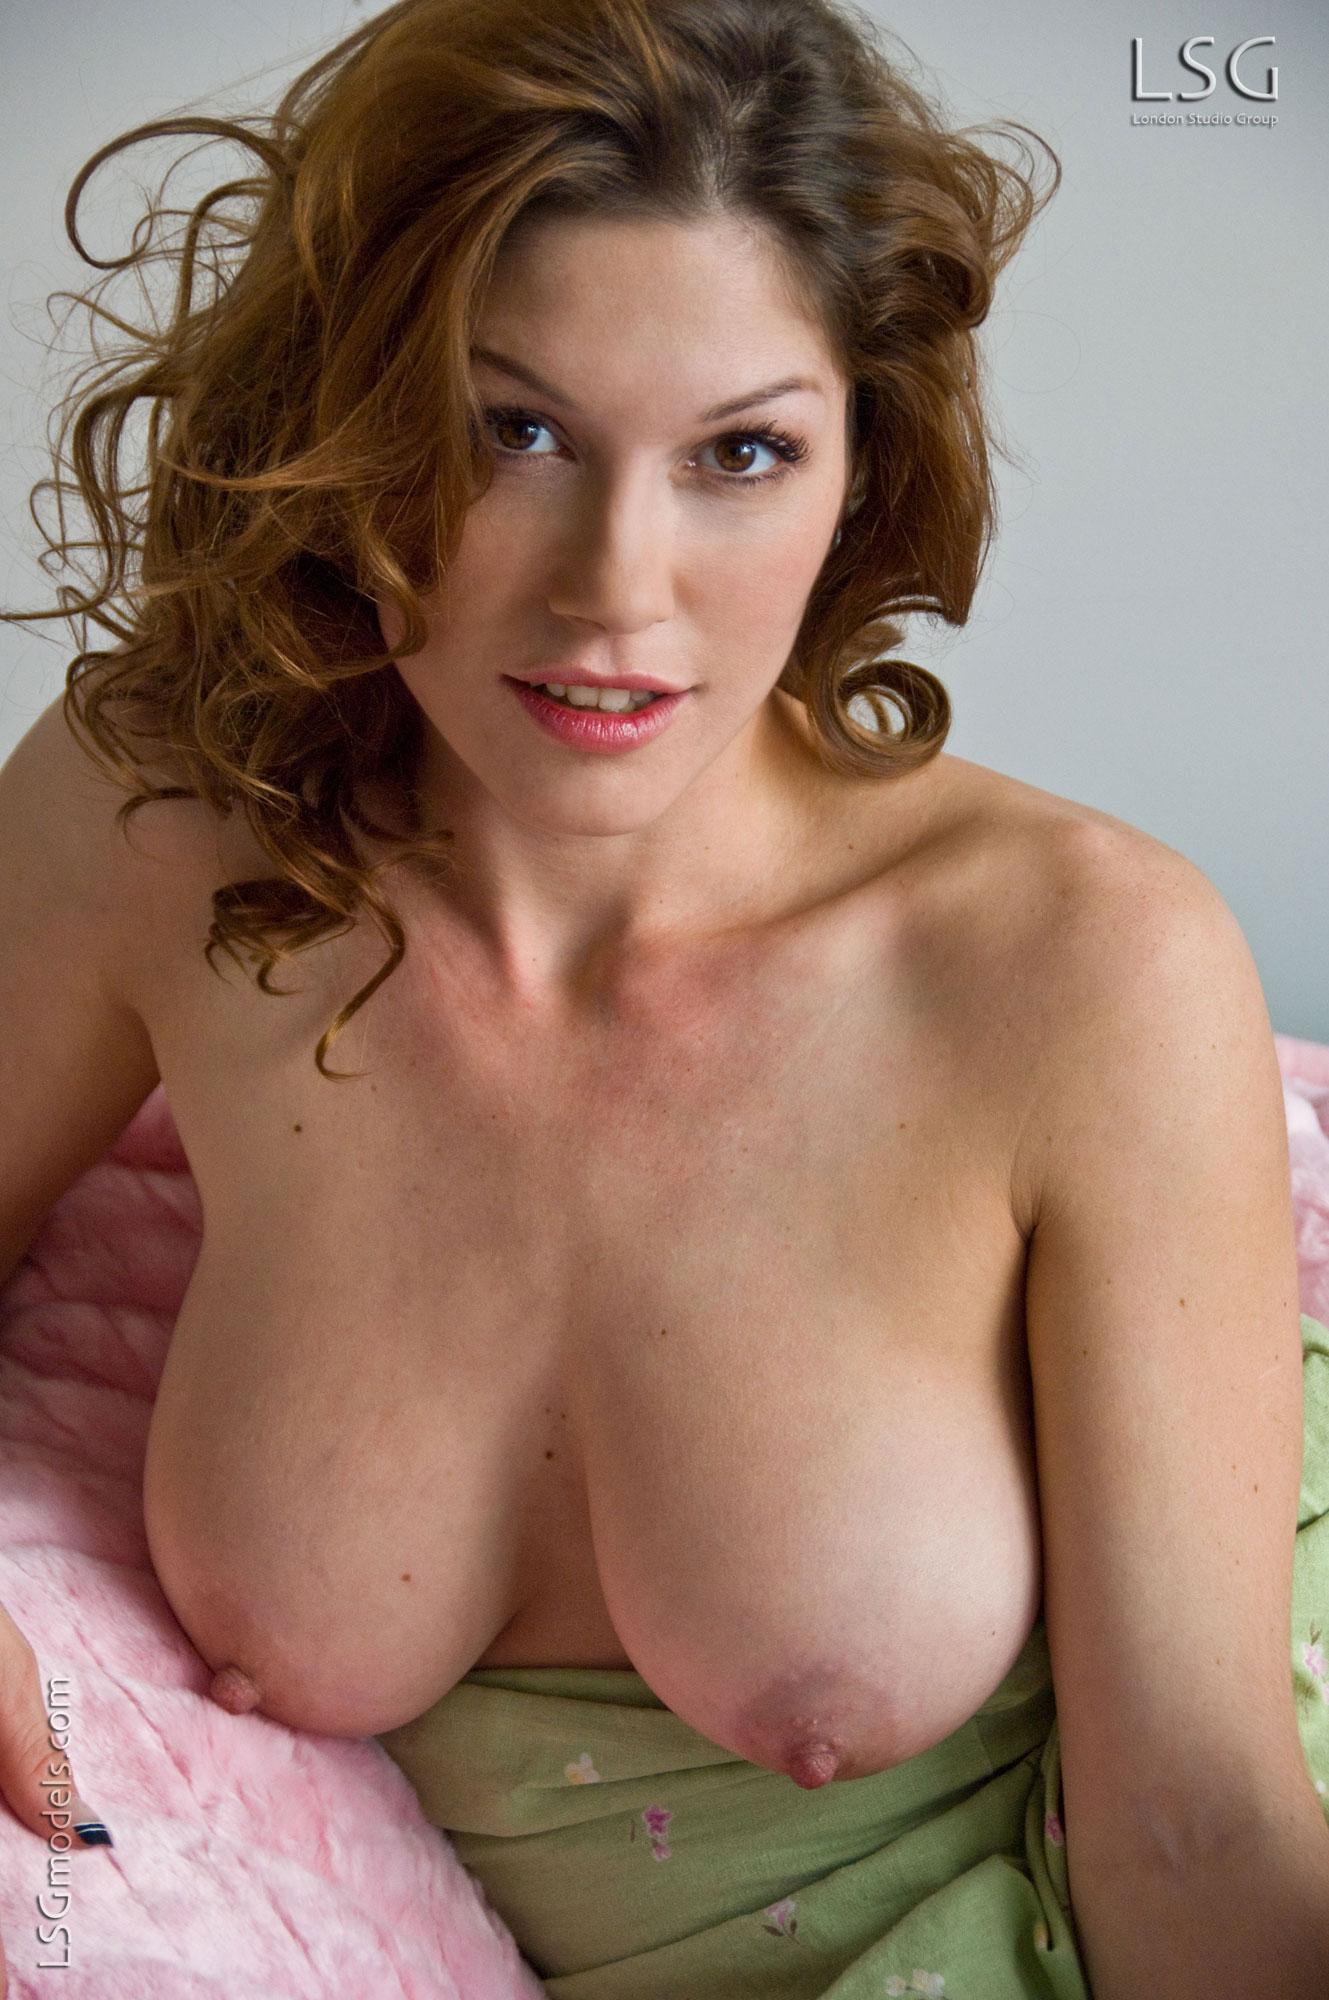 Many Kymberly lsg models nude